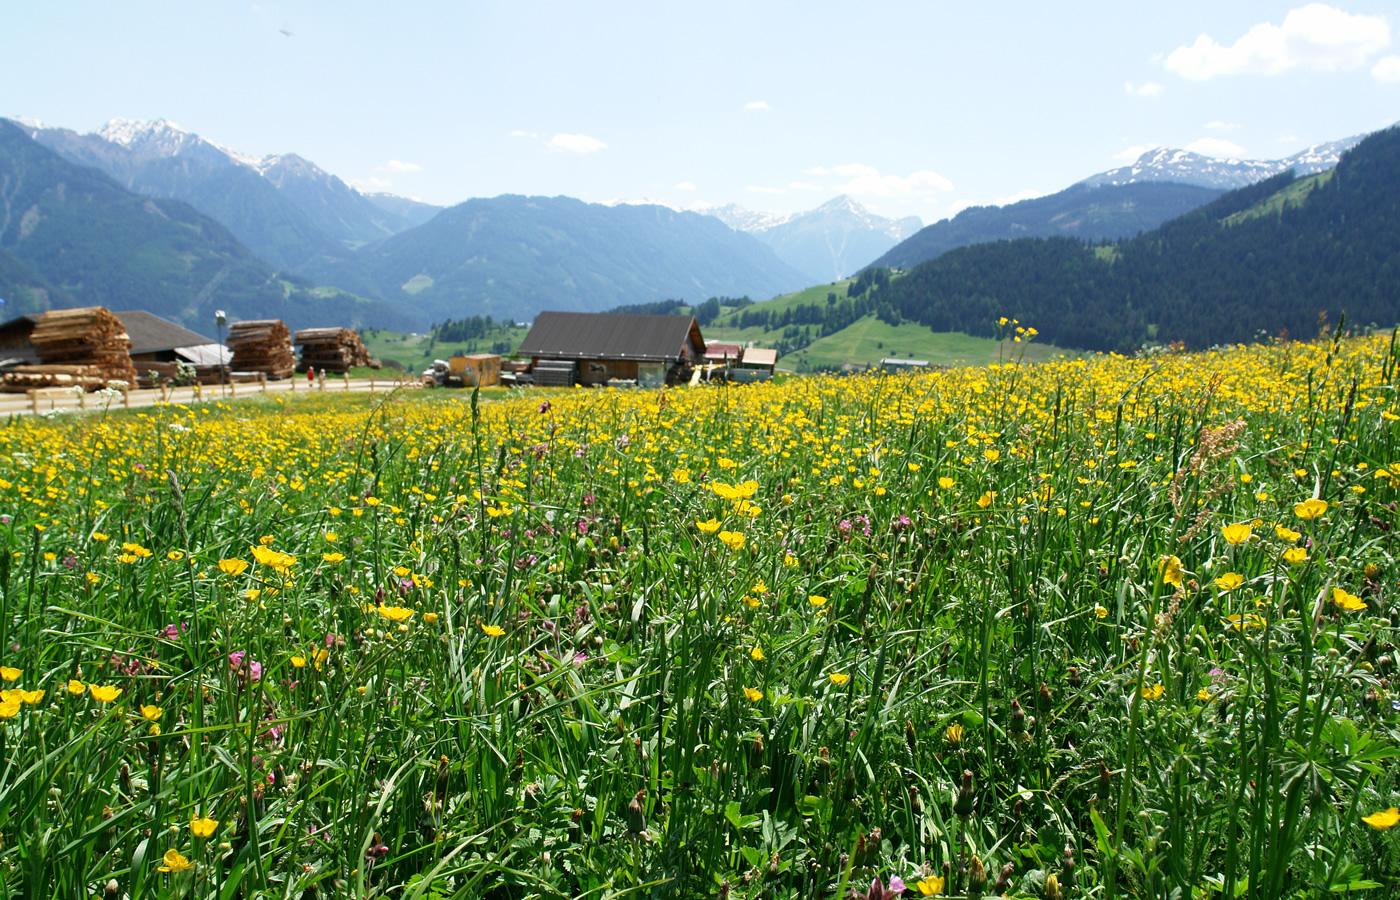 Blumenwiese in Fiss, Tirol. Sommer-Urlaub in Österreich.